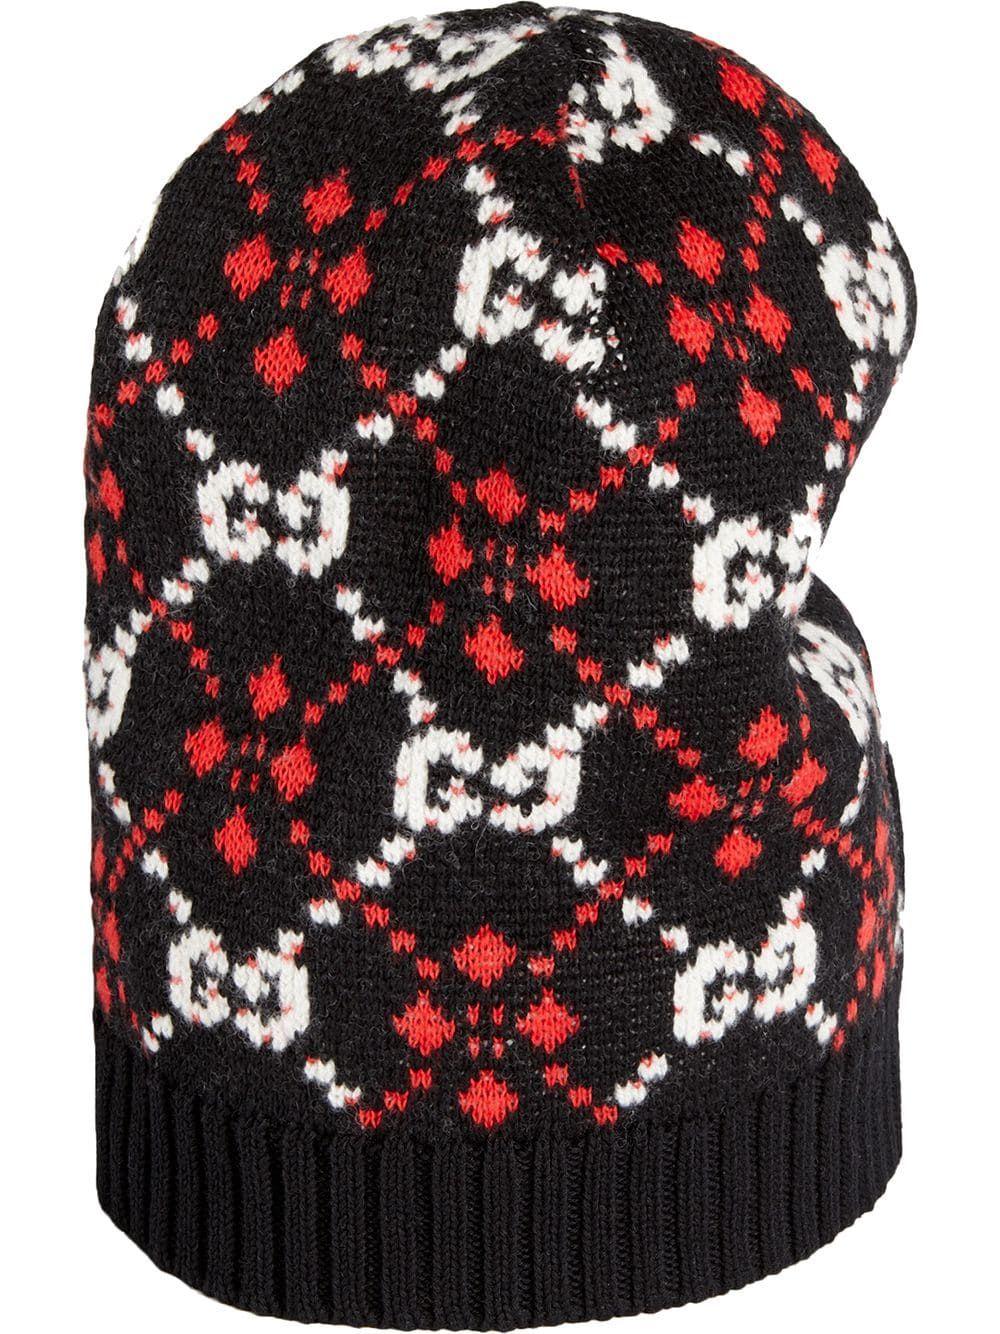 34ce150a7 GUCCI GUCCI GG DIAMOND HAT - BLACK. #gucci | Gucci | Gucci, Hats ...